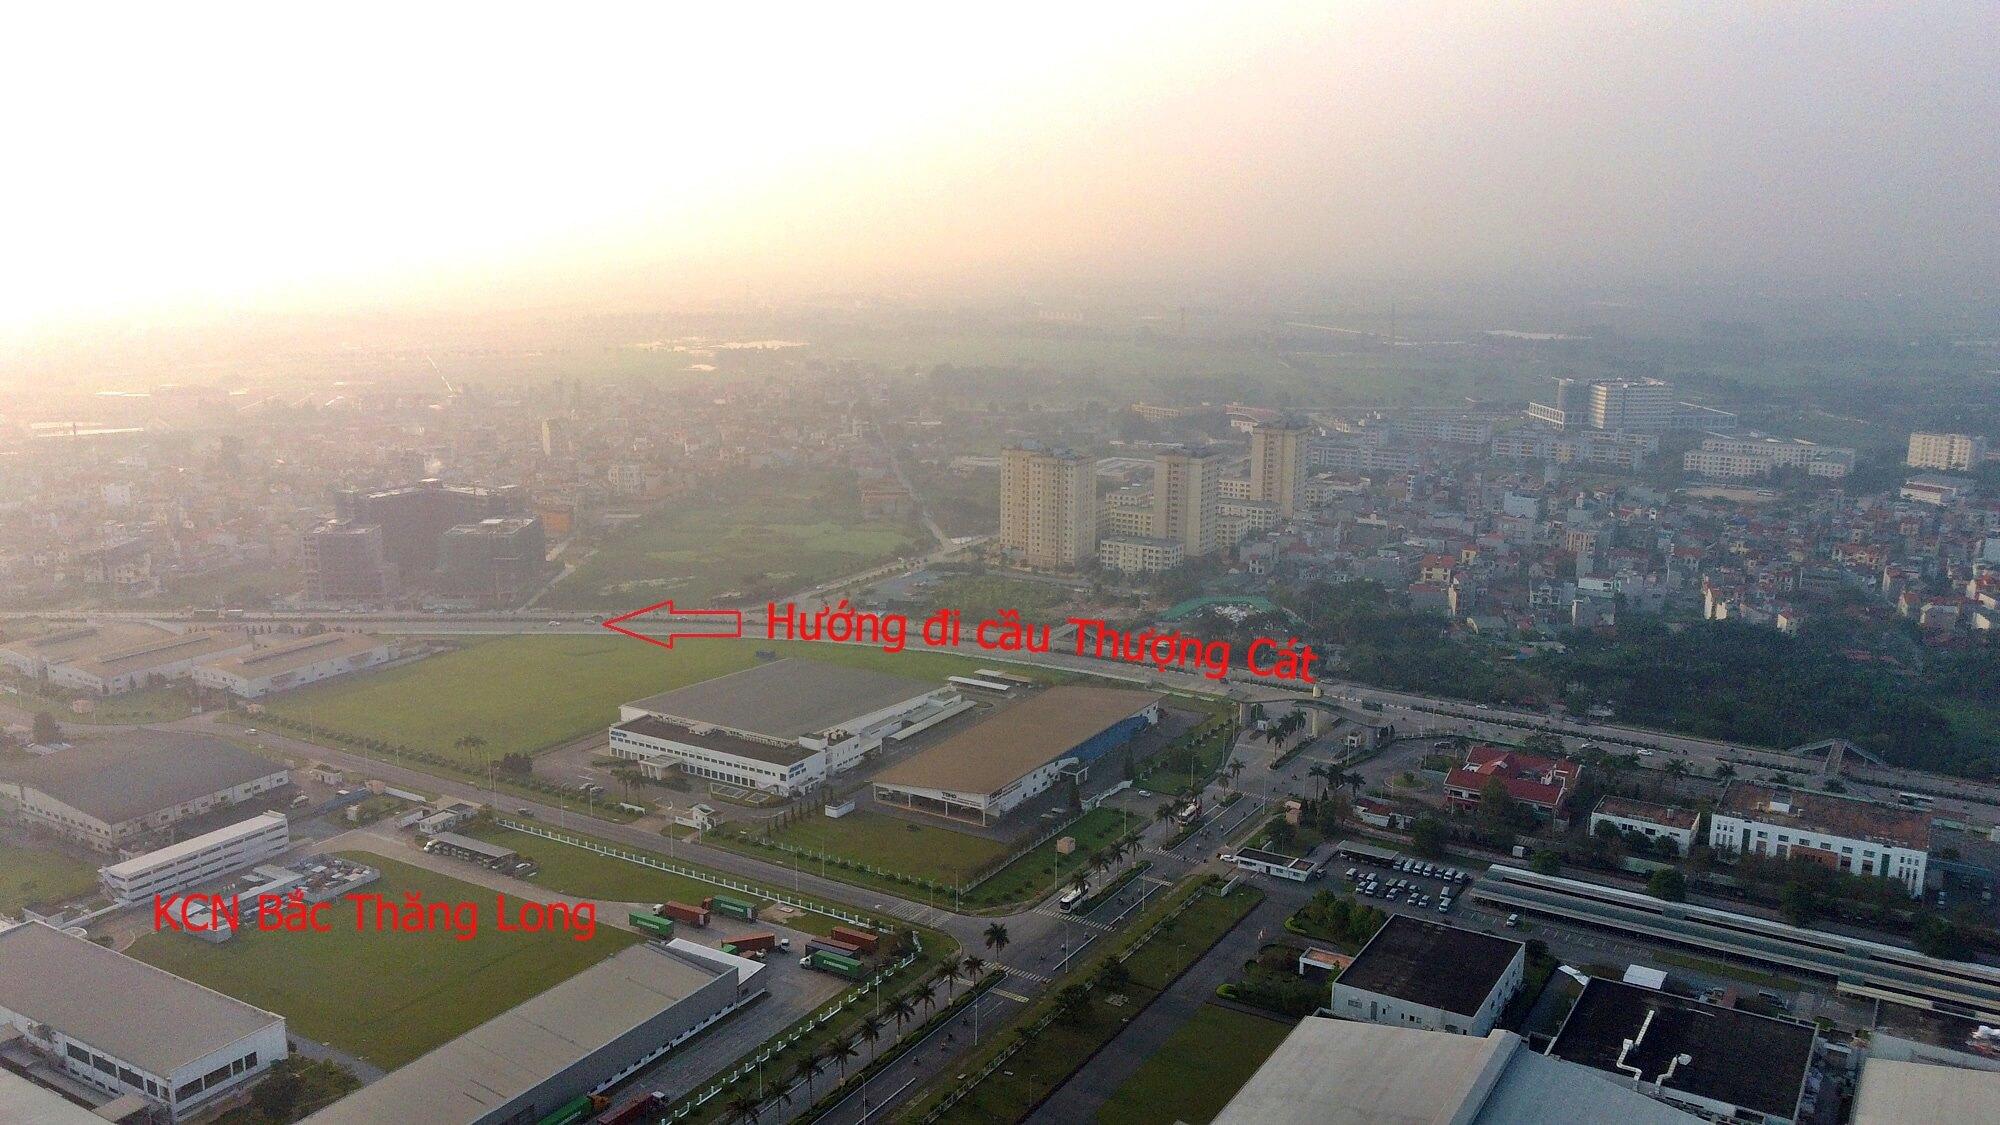 Đường vành đai 3,5 đoạn qua khu công nghiệp Bắc Thăng Long chạy về cầu Thượng Cát đã thông xe rất lâu.